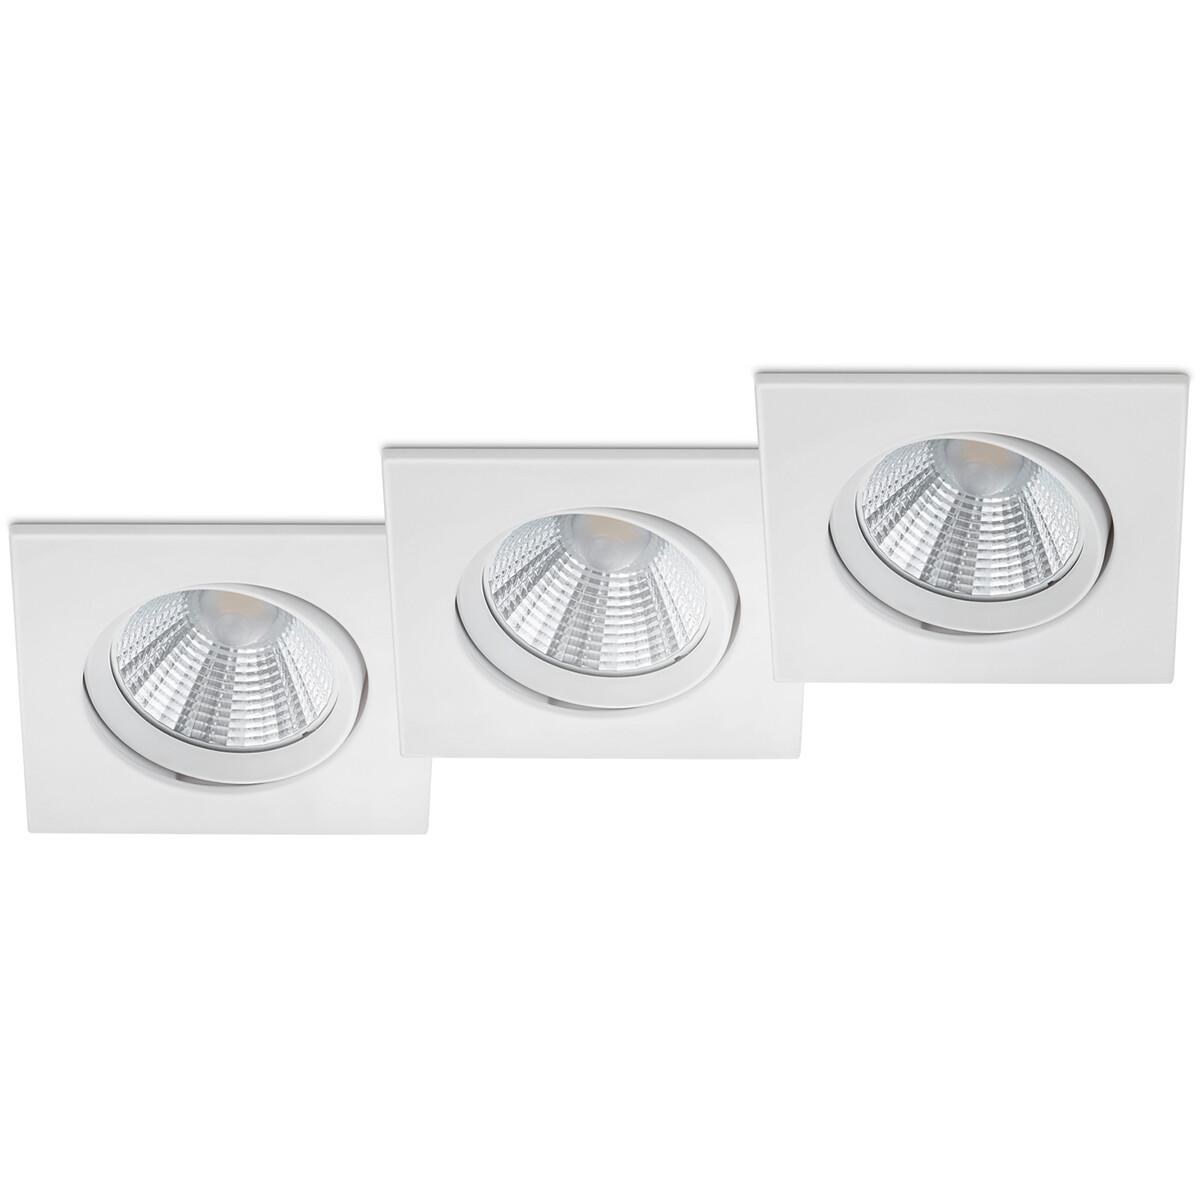 LED Spot 3 Pack - Inbouwspot - Trion Paniro - Vierkant 5W - Dimbaar - Warm Wit 3000K - Mat Wit - Aluminium - 80mm